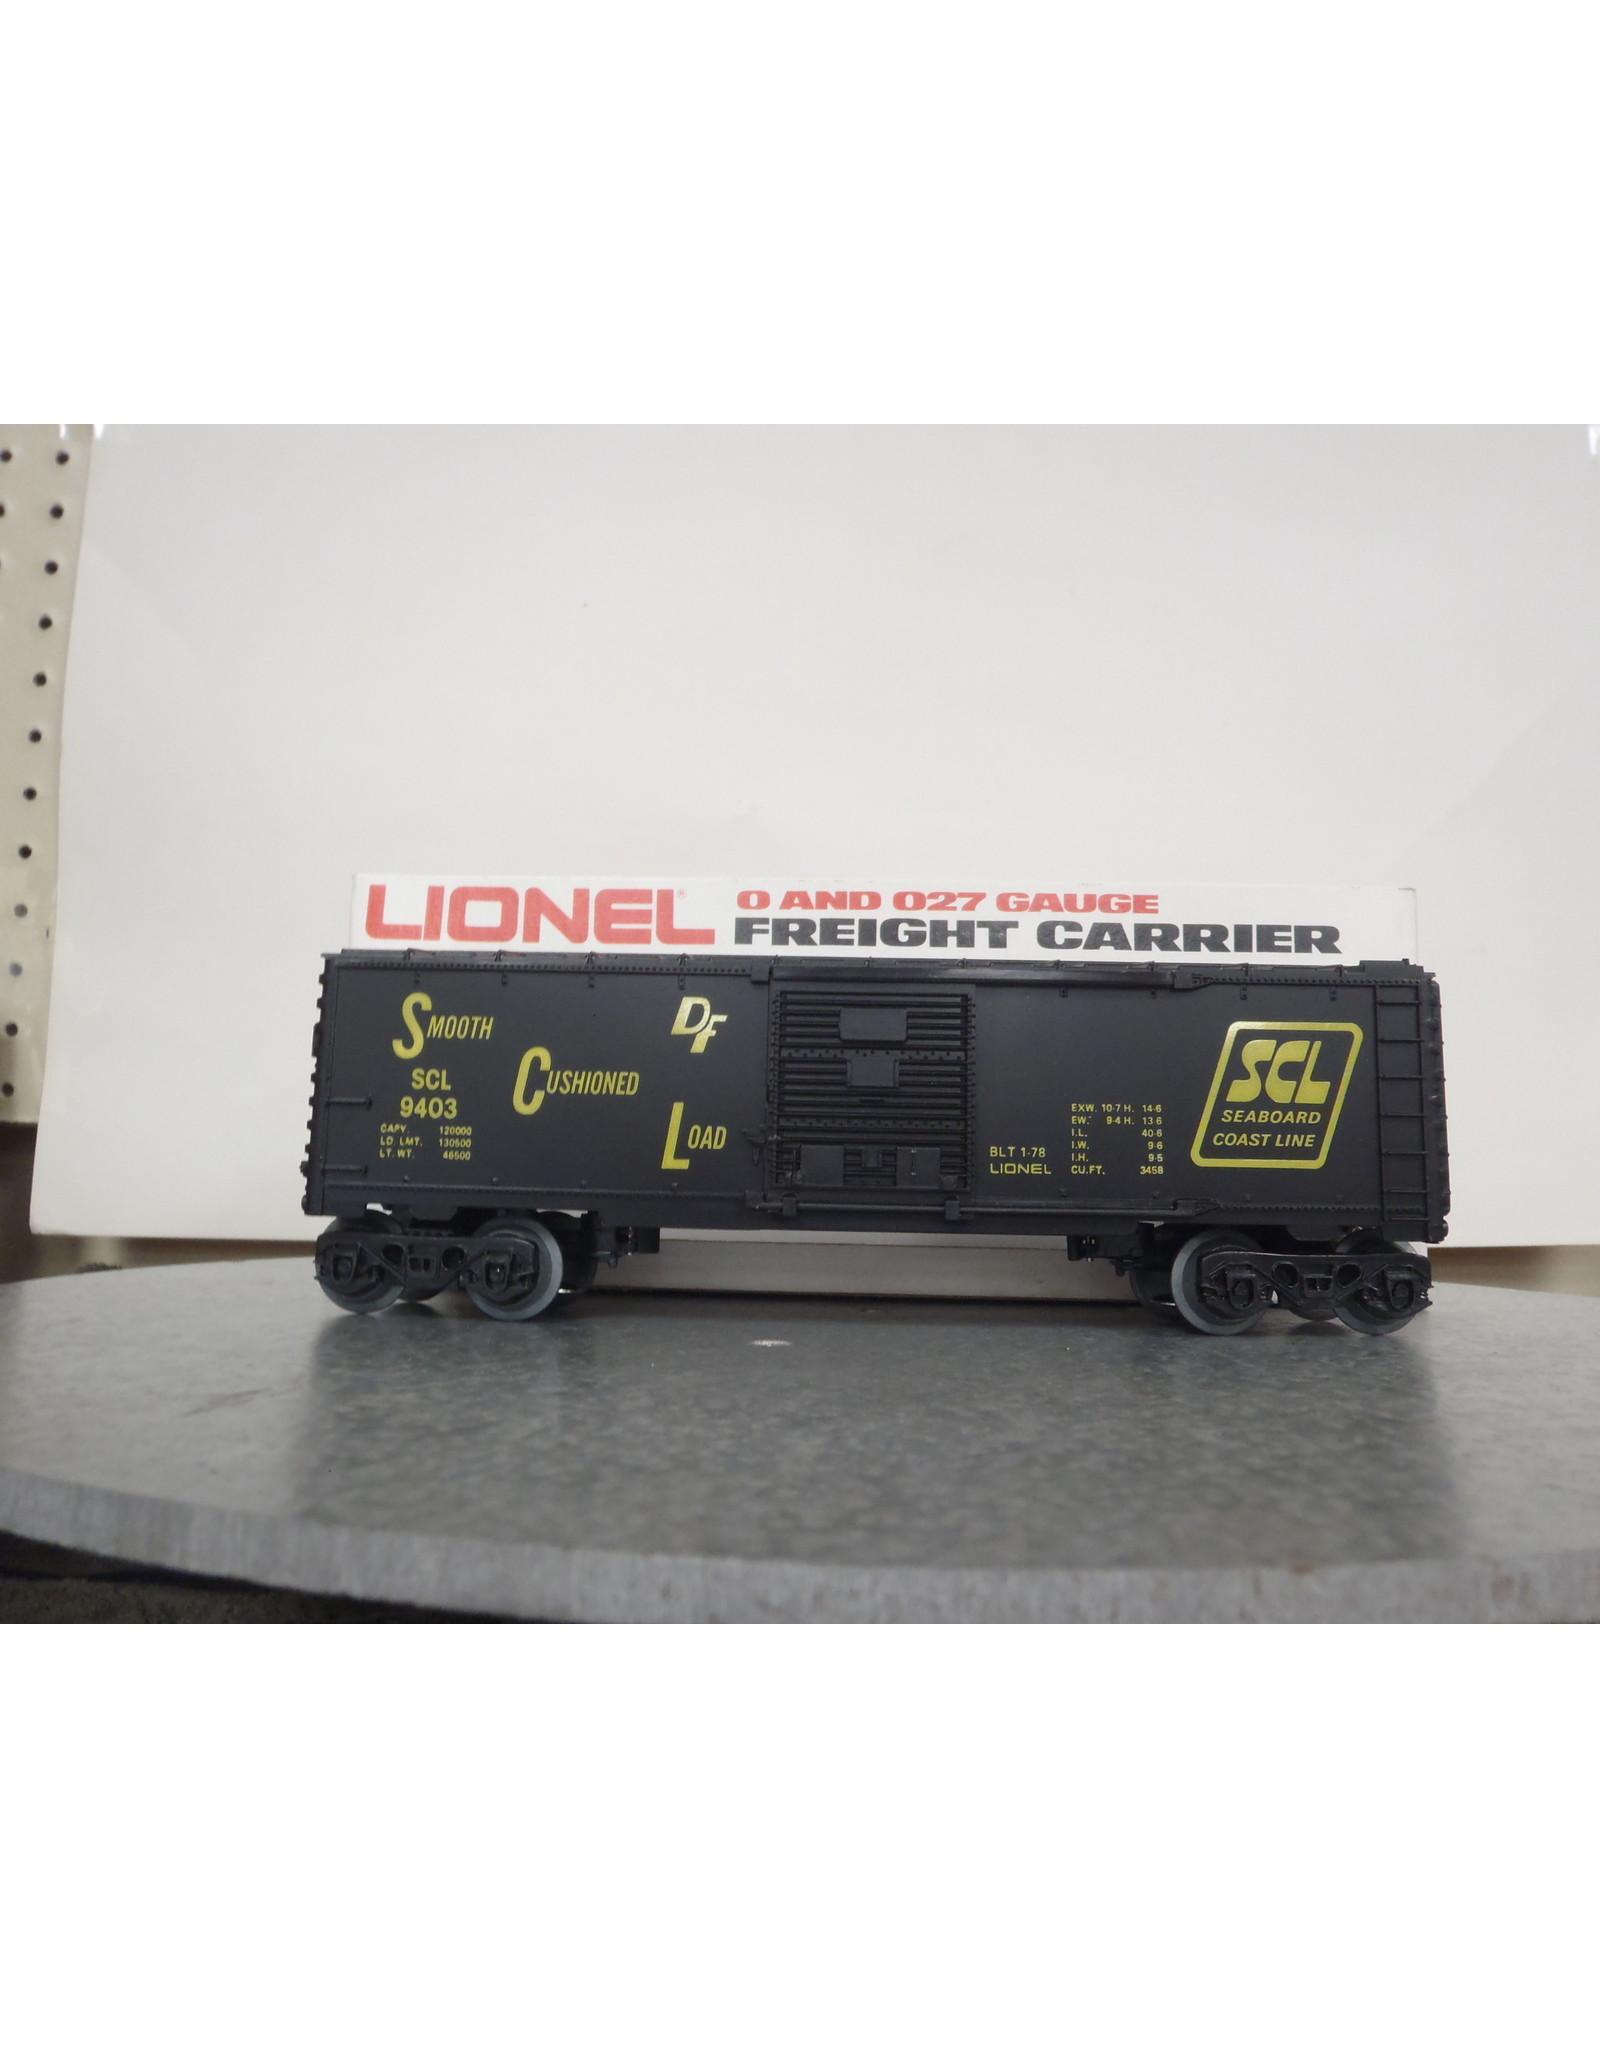 Lionel Boxcar Seaboard Coast Line 9403